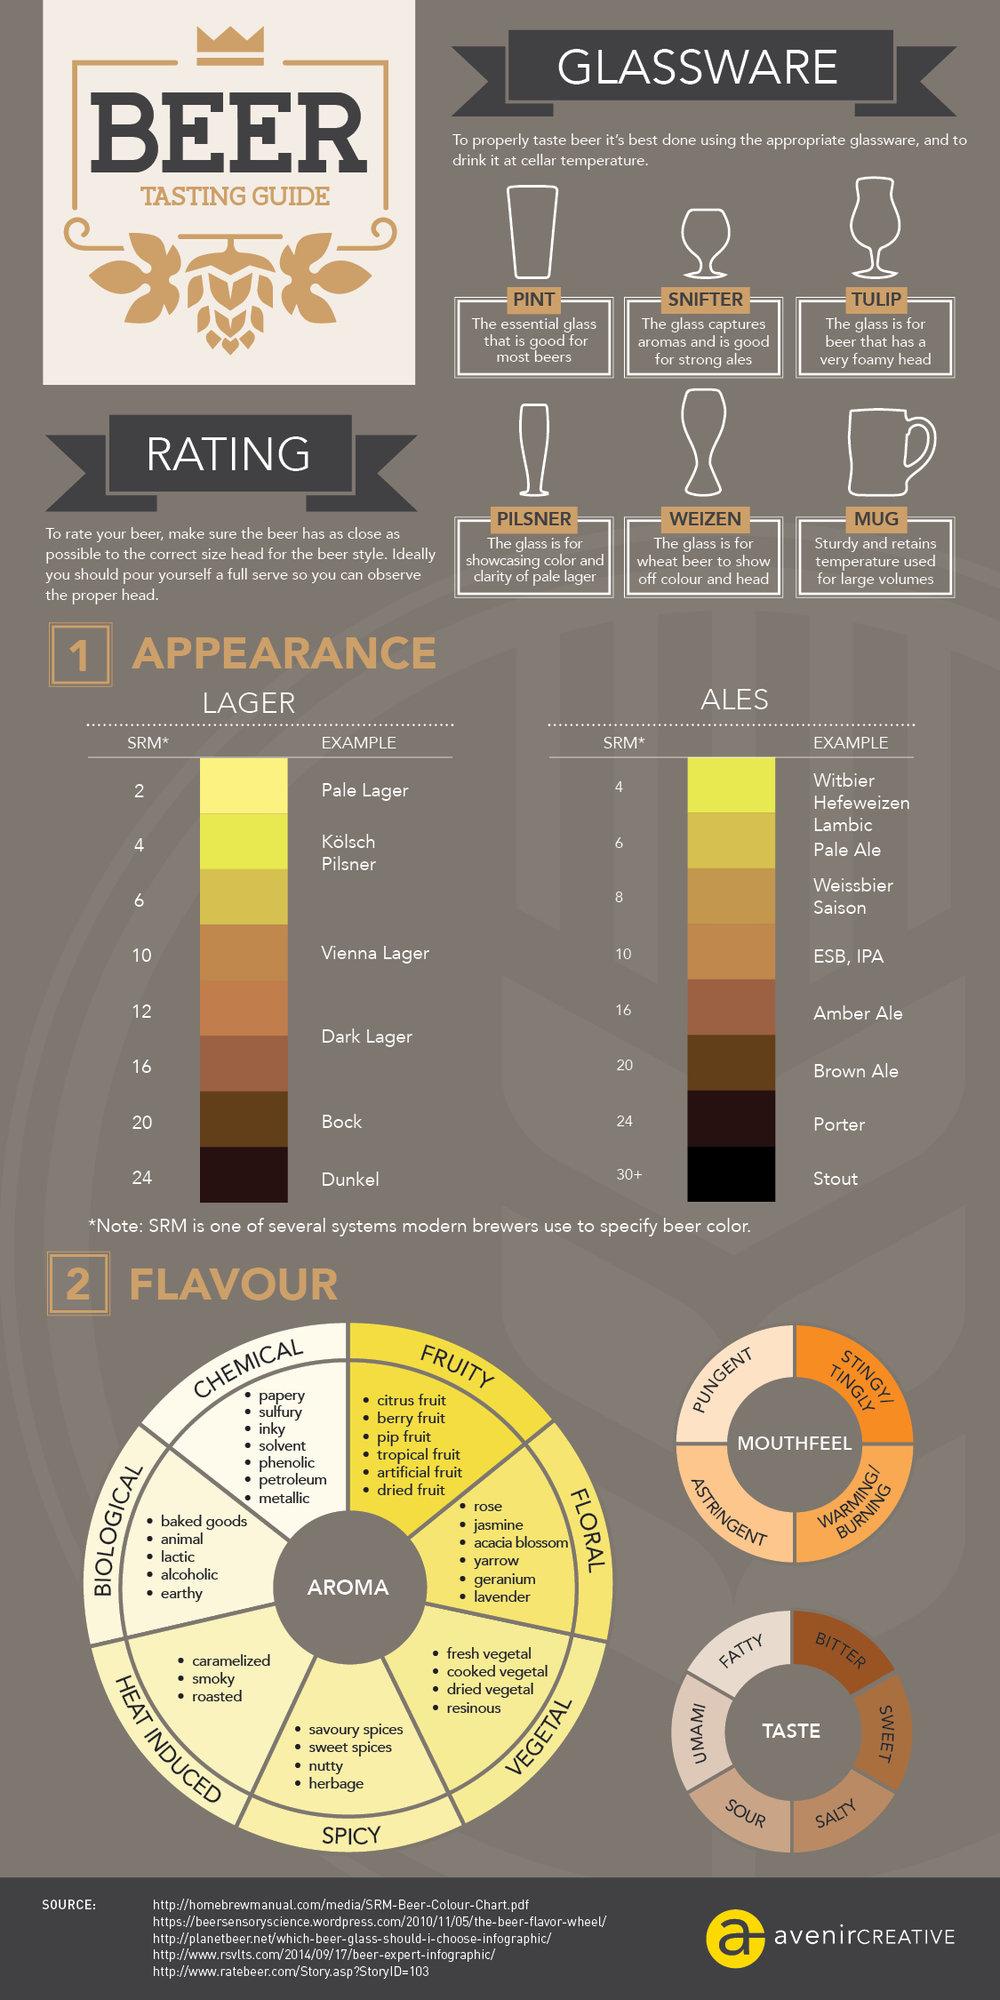 Avenircreative-Beer-Infographic.jpg